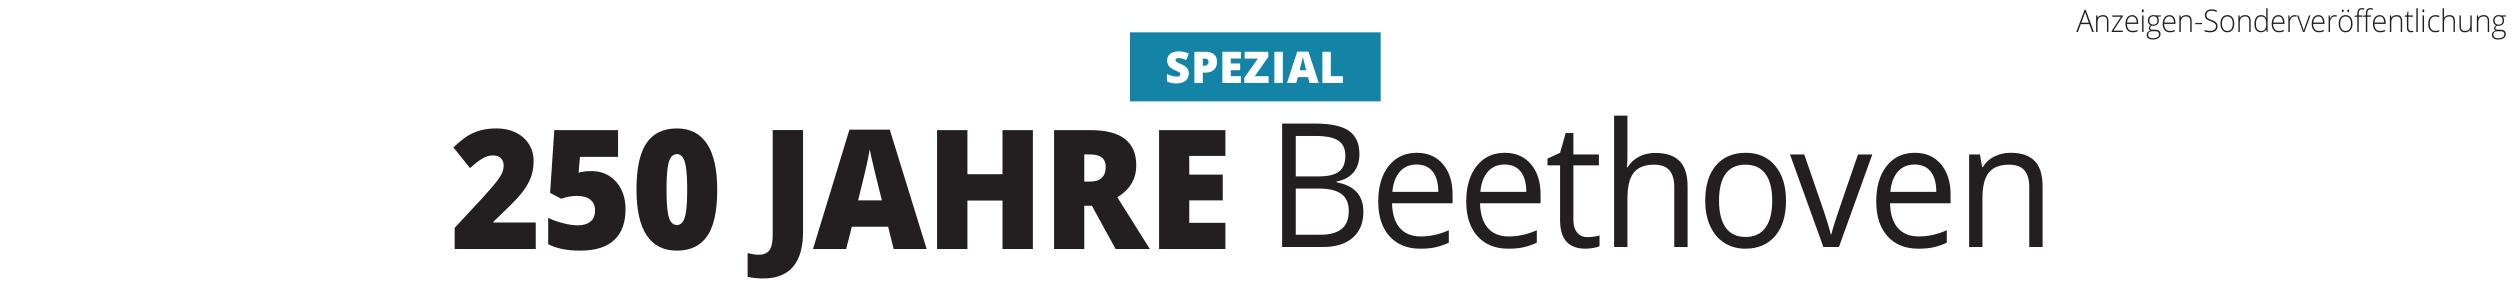 Bonns Status als Beethoven-Stadt soll gefestigt und die Region mit einem Rundgang nachhaltig attraktiver gemacht werden – Aktuell: Abgesagte Veranstaltungen aufgrund des Coronavirus Image 1